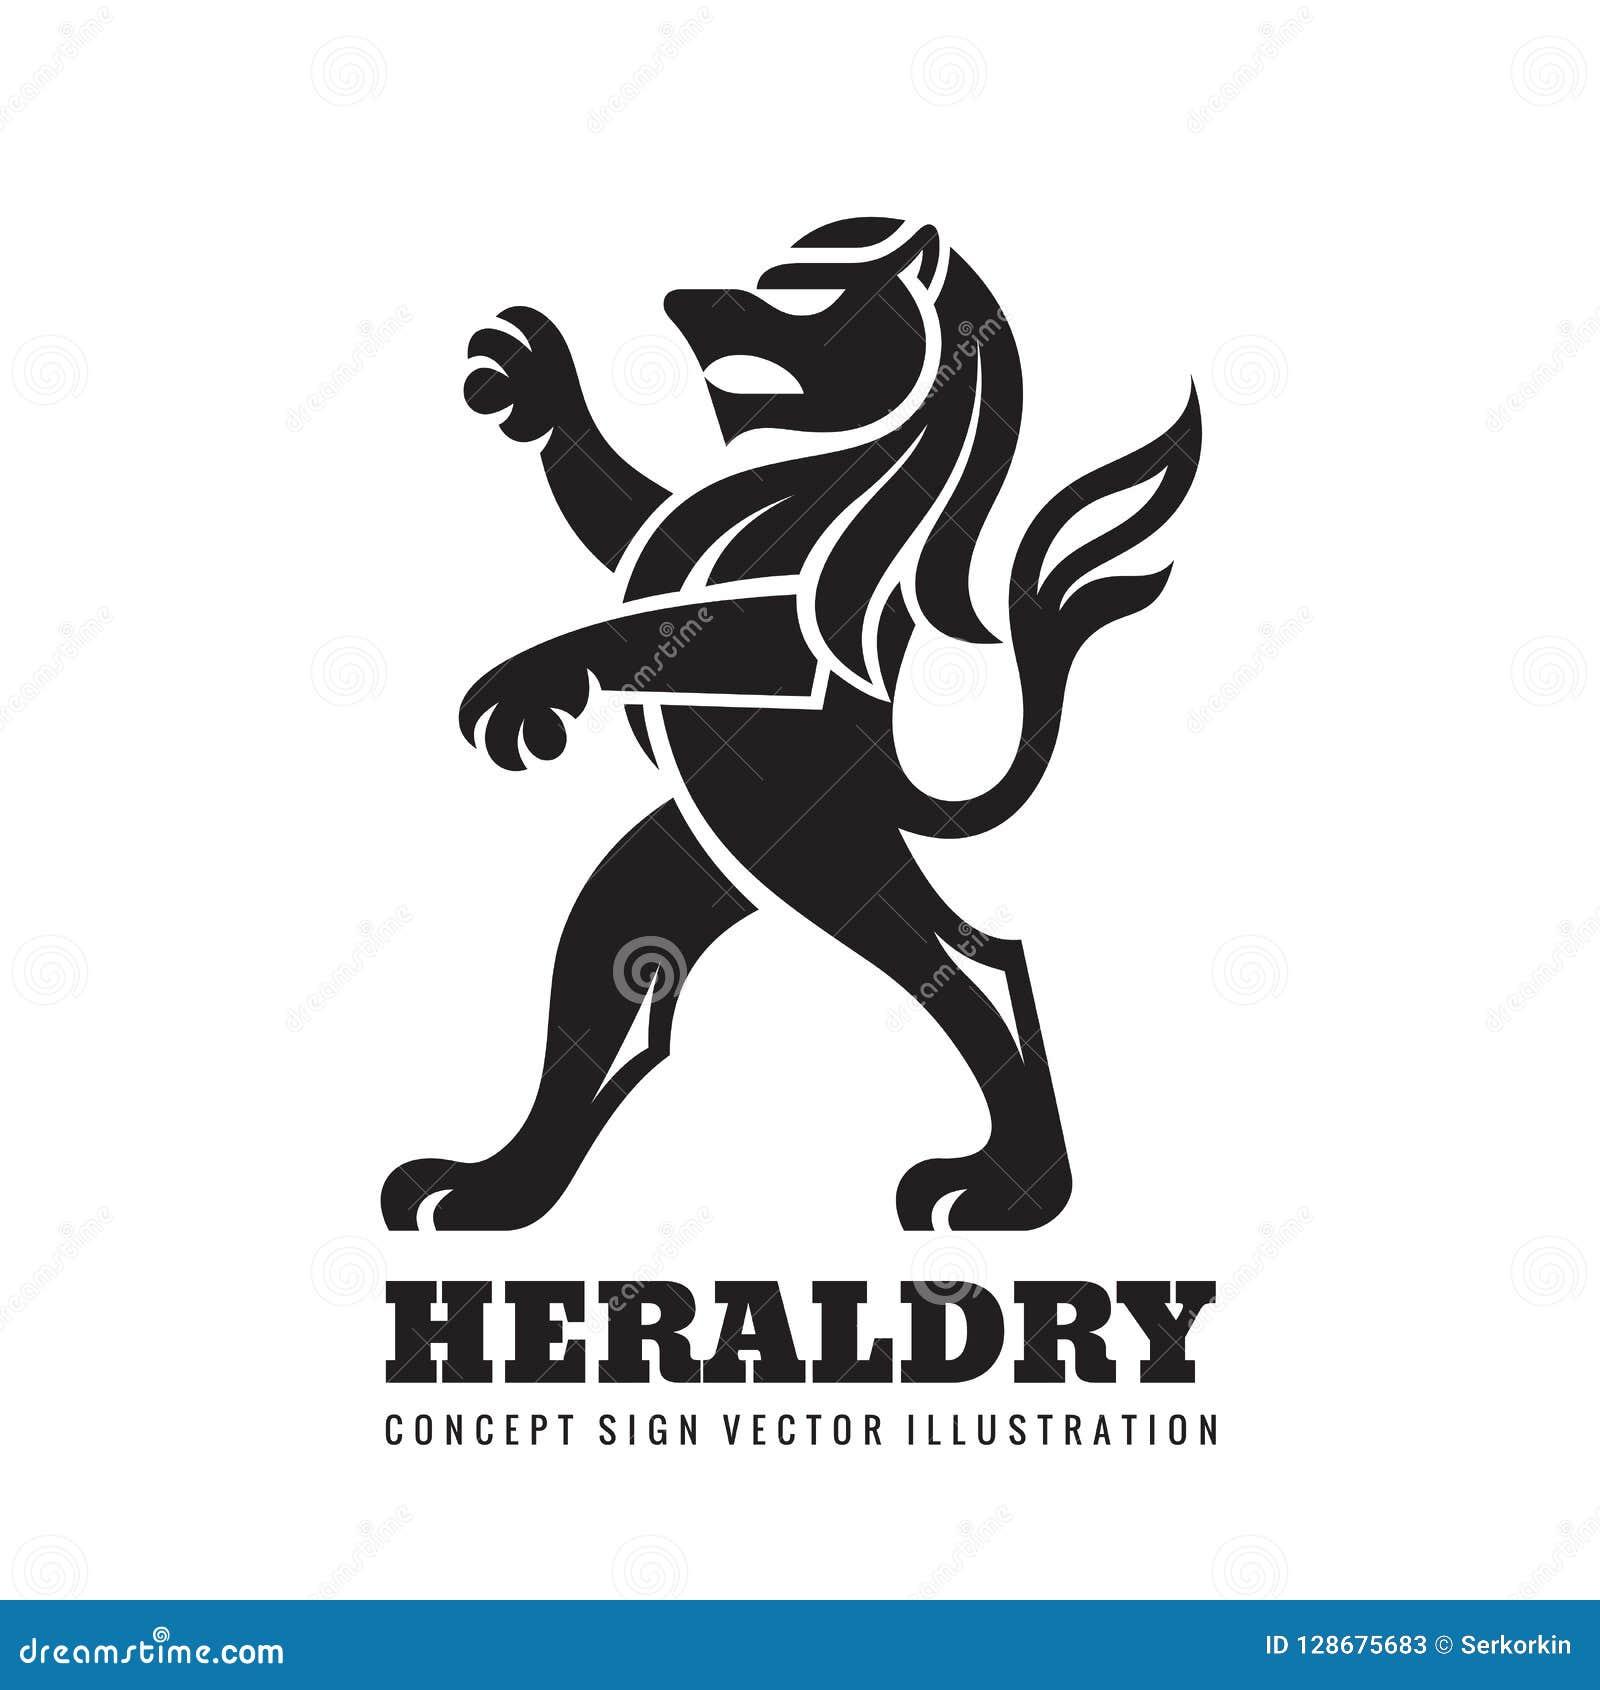 Λιοντάρι που στέκεται στα οπίσθια πόδια του - διανυσματική απεικόνιση προτύπων επιχειρησιακών λογότυπων έννοιας Εραλδικός αριθμός